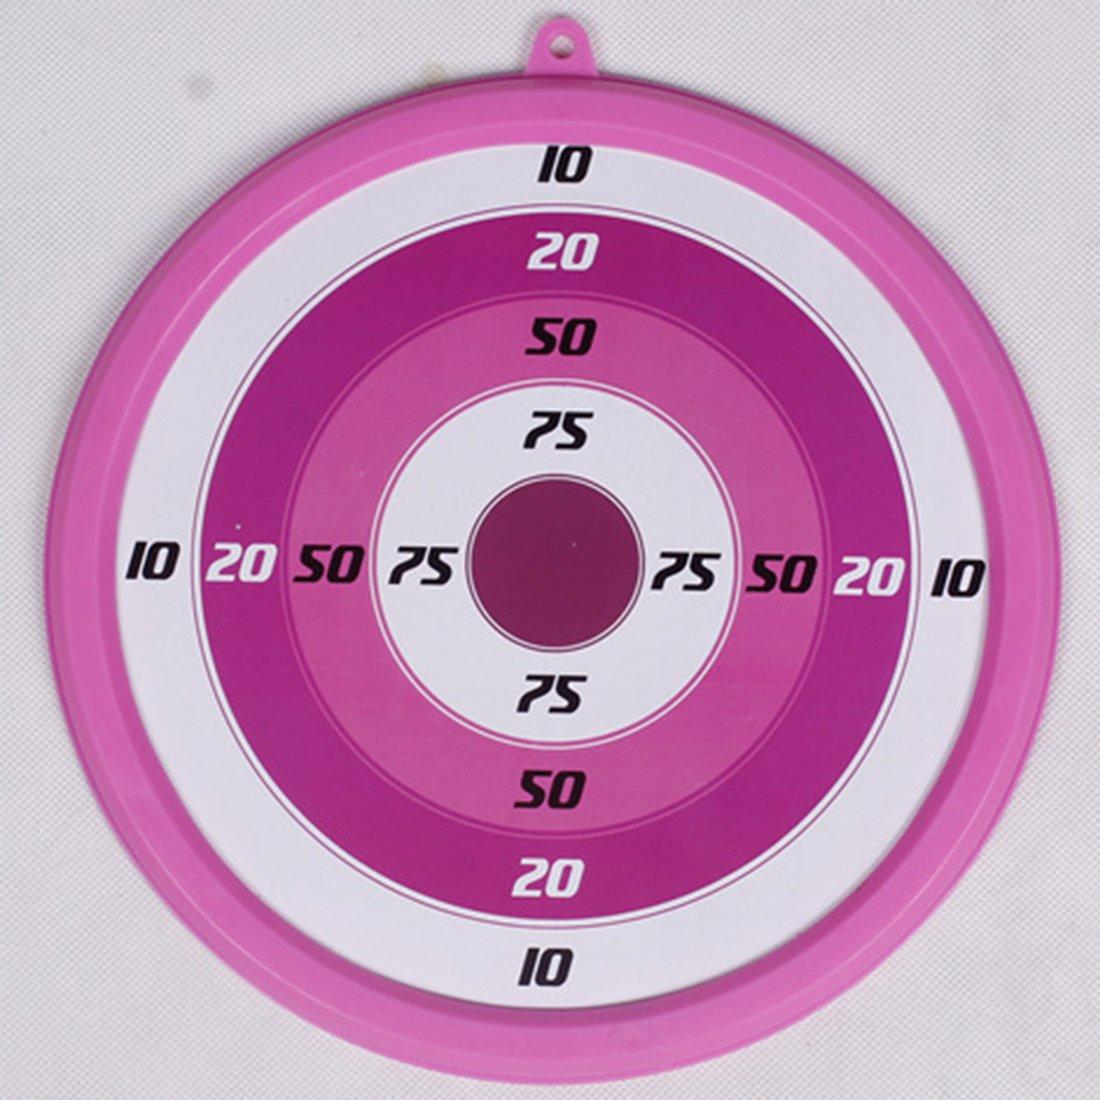 Gr/ün Mecotech Pfeil und Bogen Kinder LED Lichter Bogenschie/ßen Schie/ßspiele mit 3 Pfeilen Saugnapf Geschenk f/ür Jungen ab 6 Jahre 1 Zielscheibe 1 Bogen und 1 Pfeile Halter